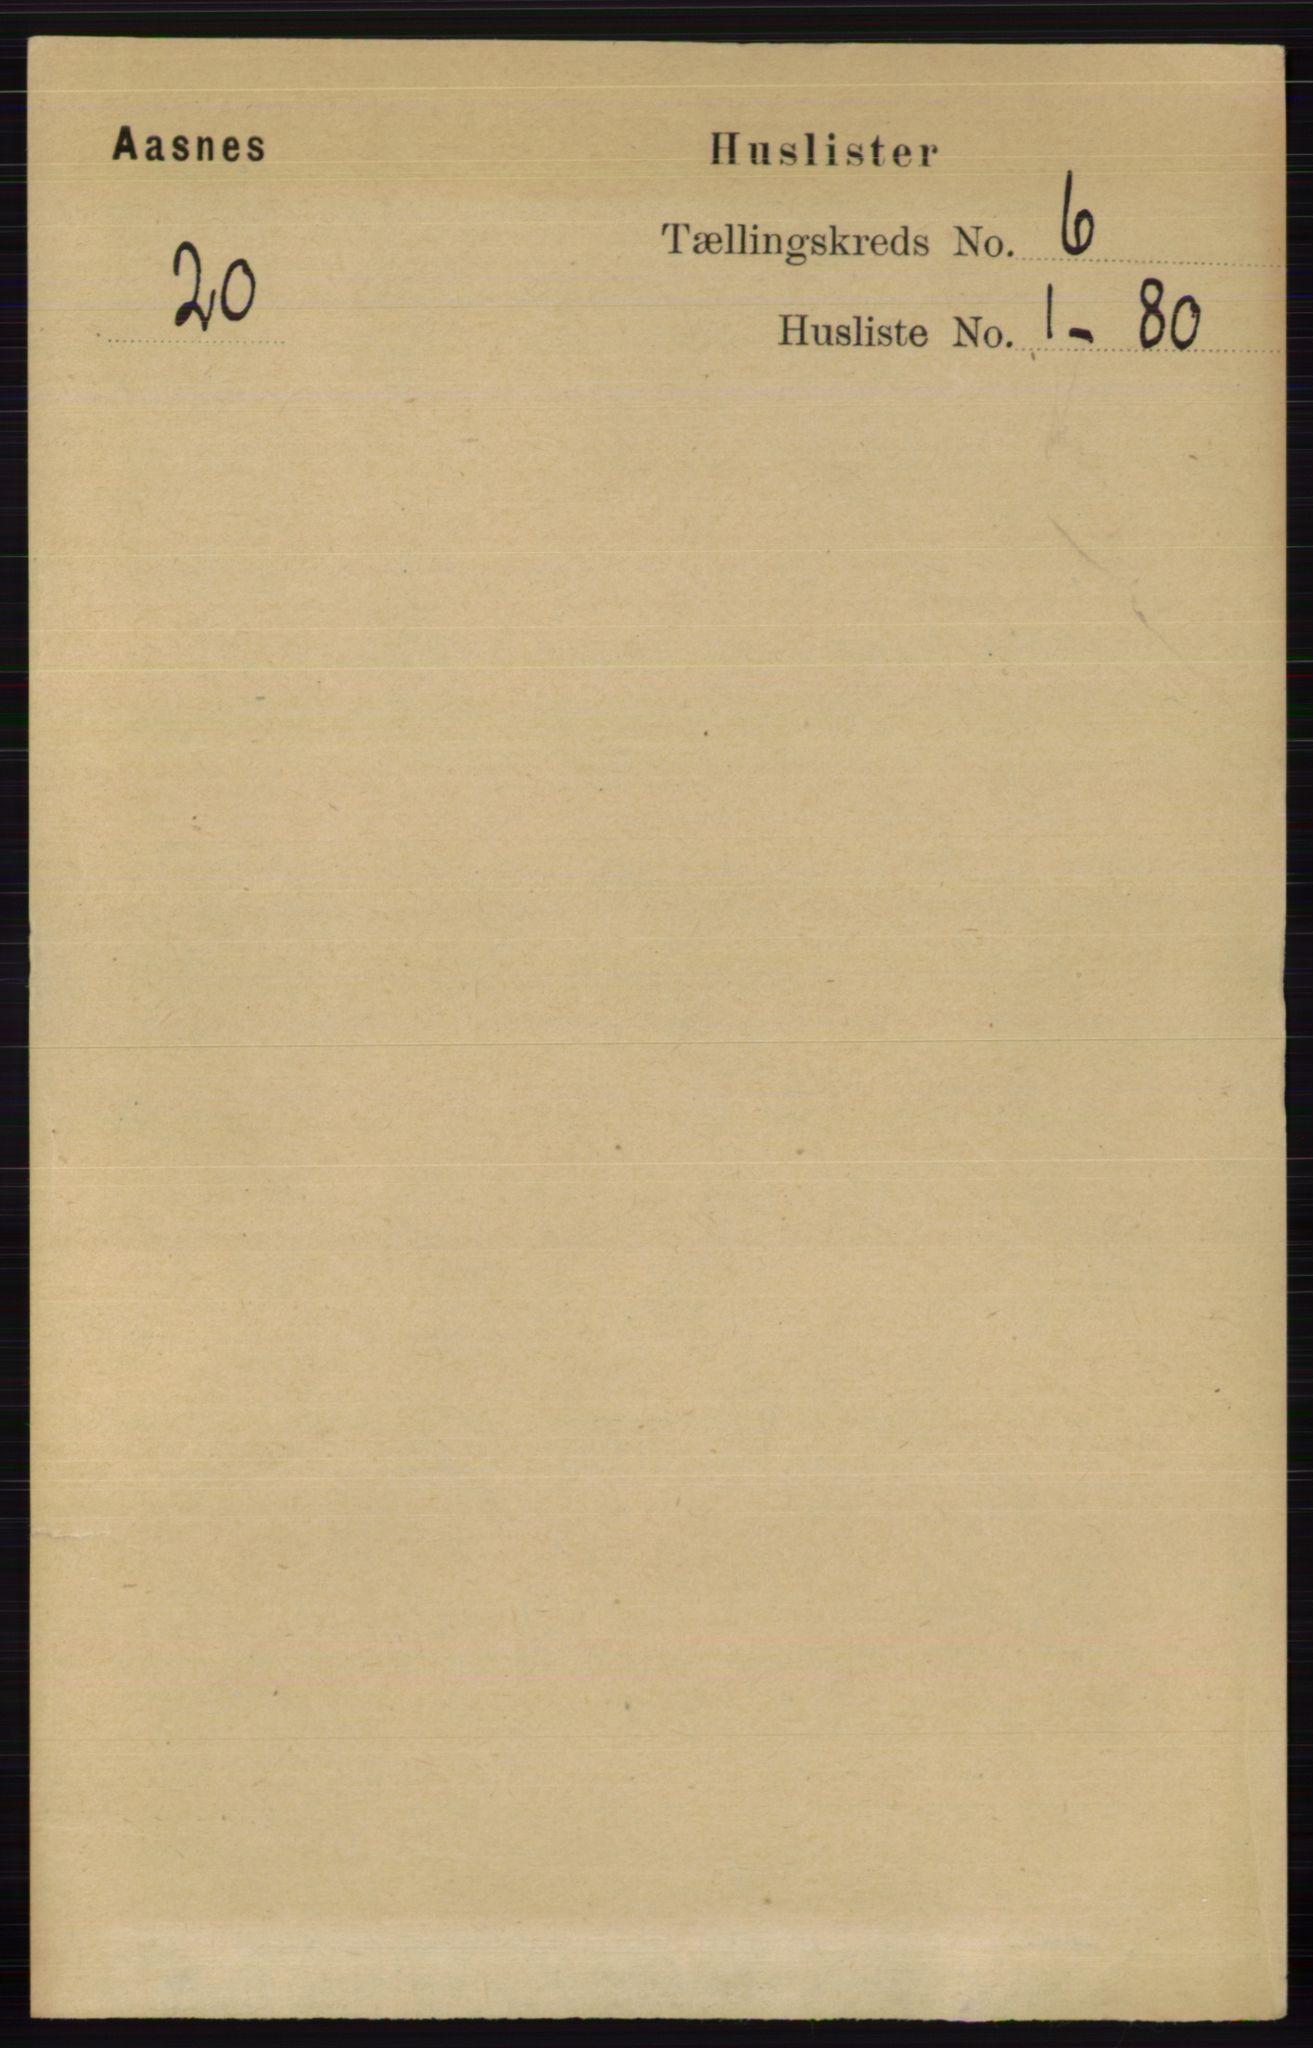 RA, Folketelling 1891 for 0425 Åsnes herred, 1891, s. 2710